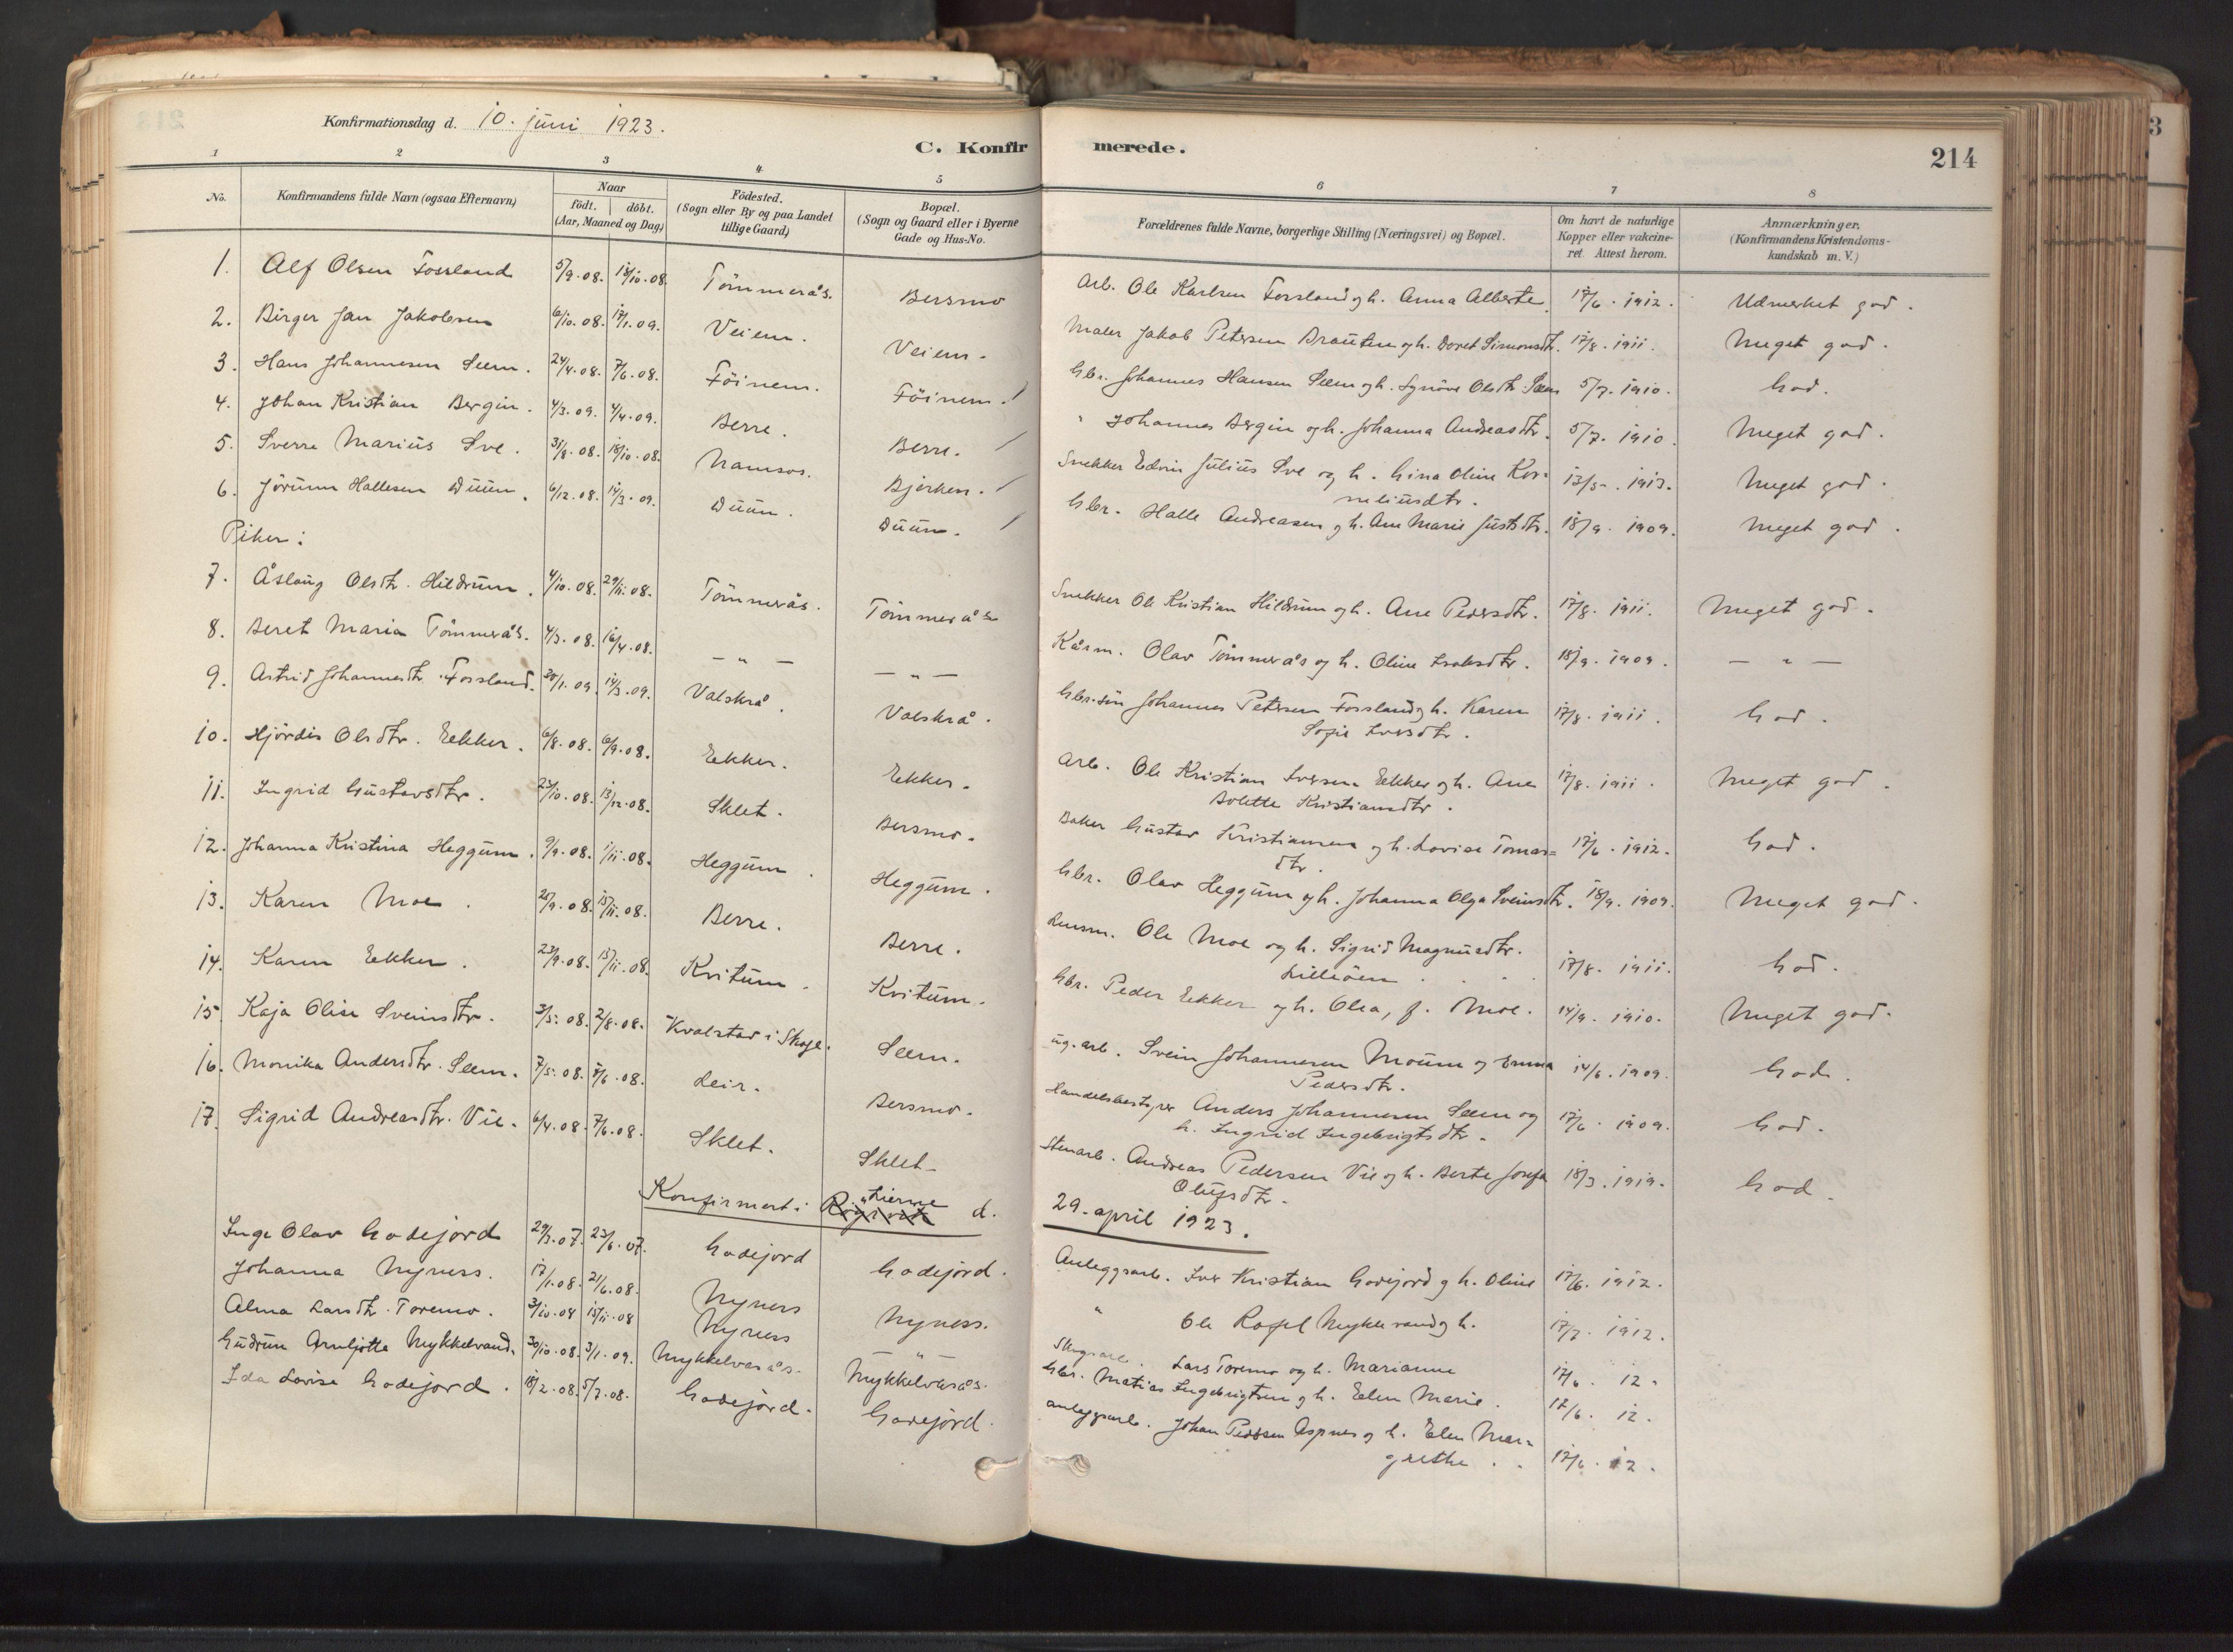 SAT, Ministerialprotokoller, klokkerbøker og fødselsregistre - Nord-Trøndelag, 758/L0519: Ministerialbok nr. 758A04, 1880-1926, s. 214